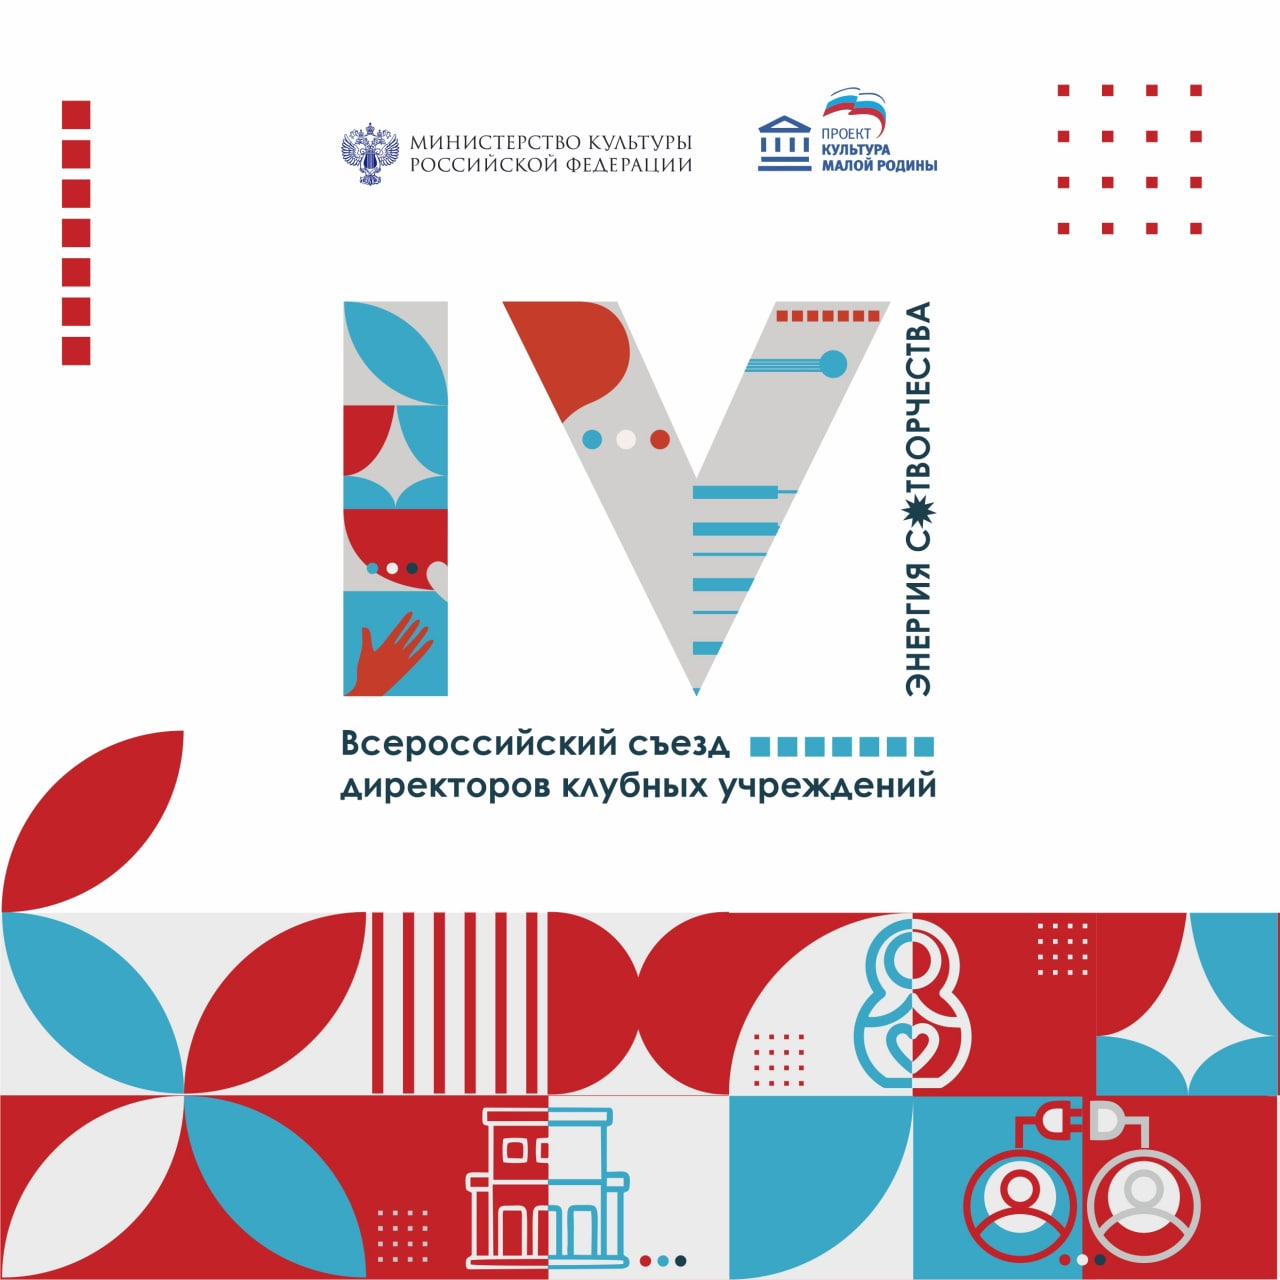 В Белгороде состоялся IV Всероссийский съезд директоров клубных учреждений